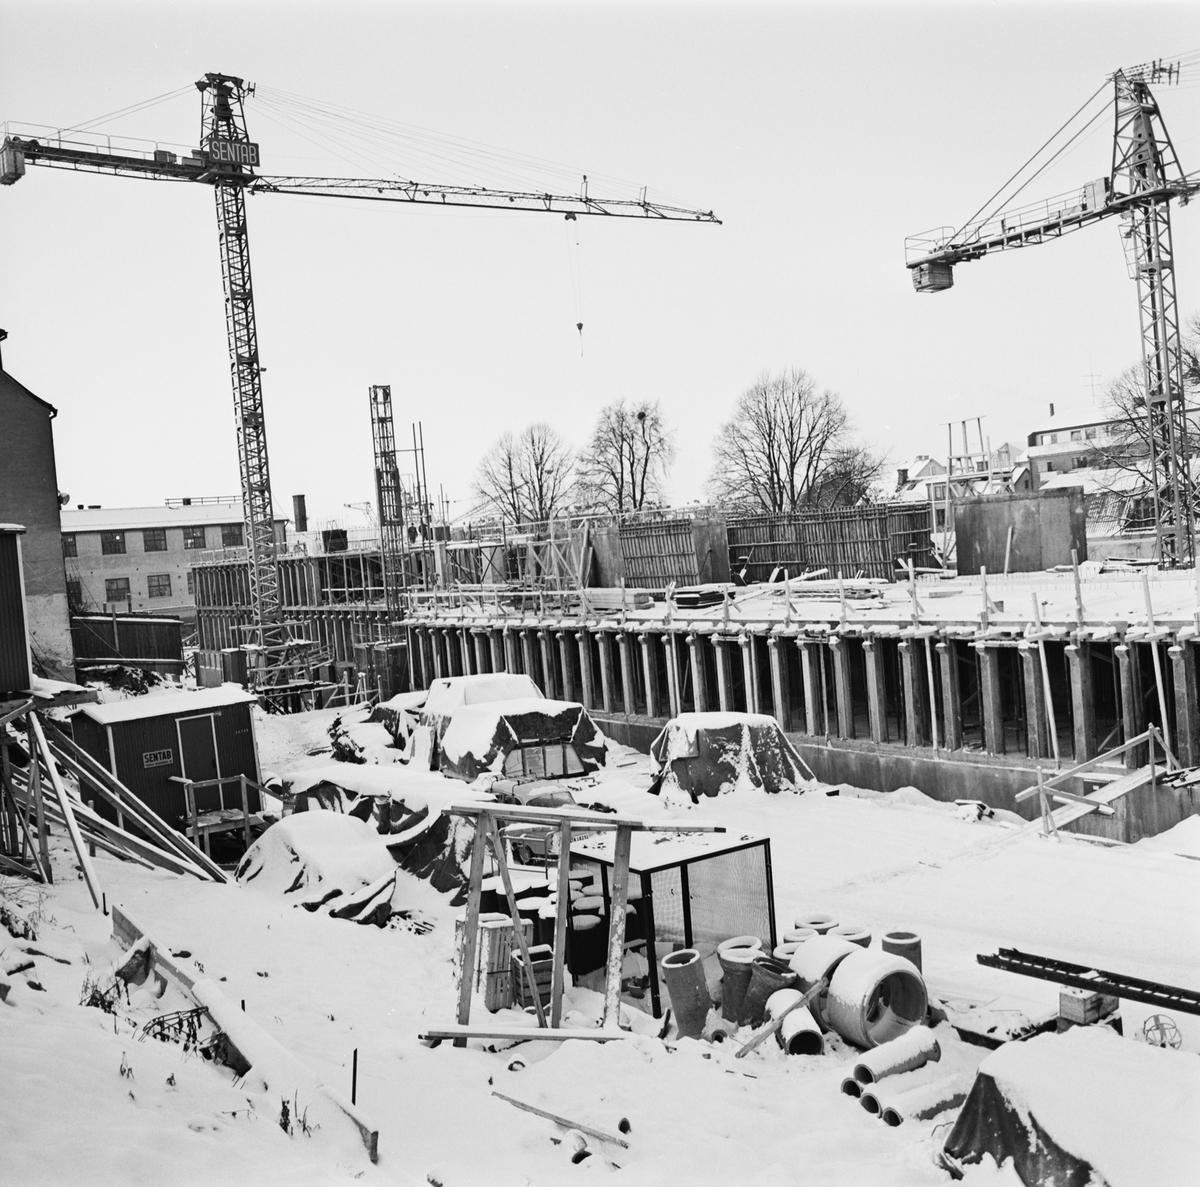 Övrigt: Foto datum: 15/12 1965 Byggnader och kranar Kvarteret Pollux